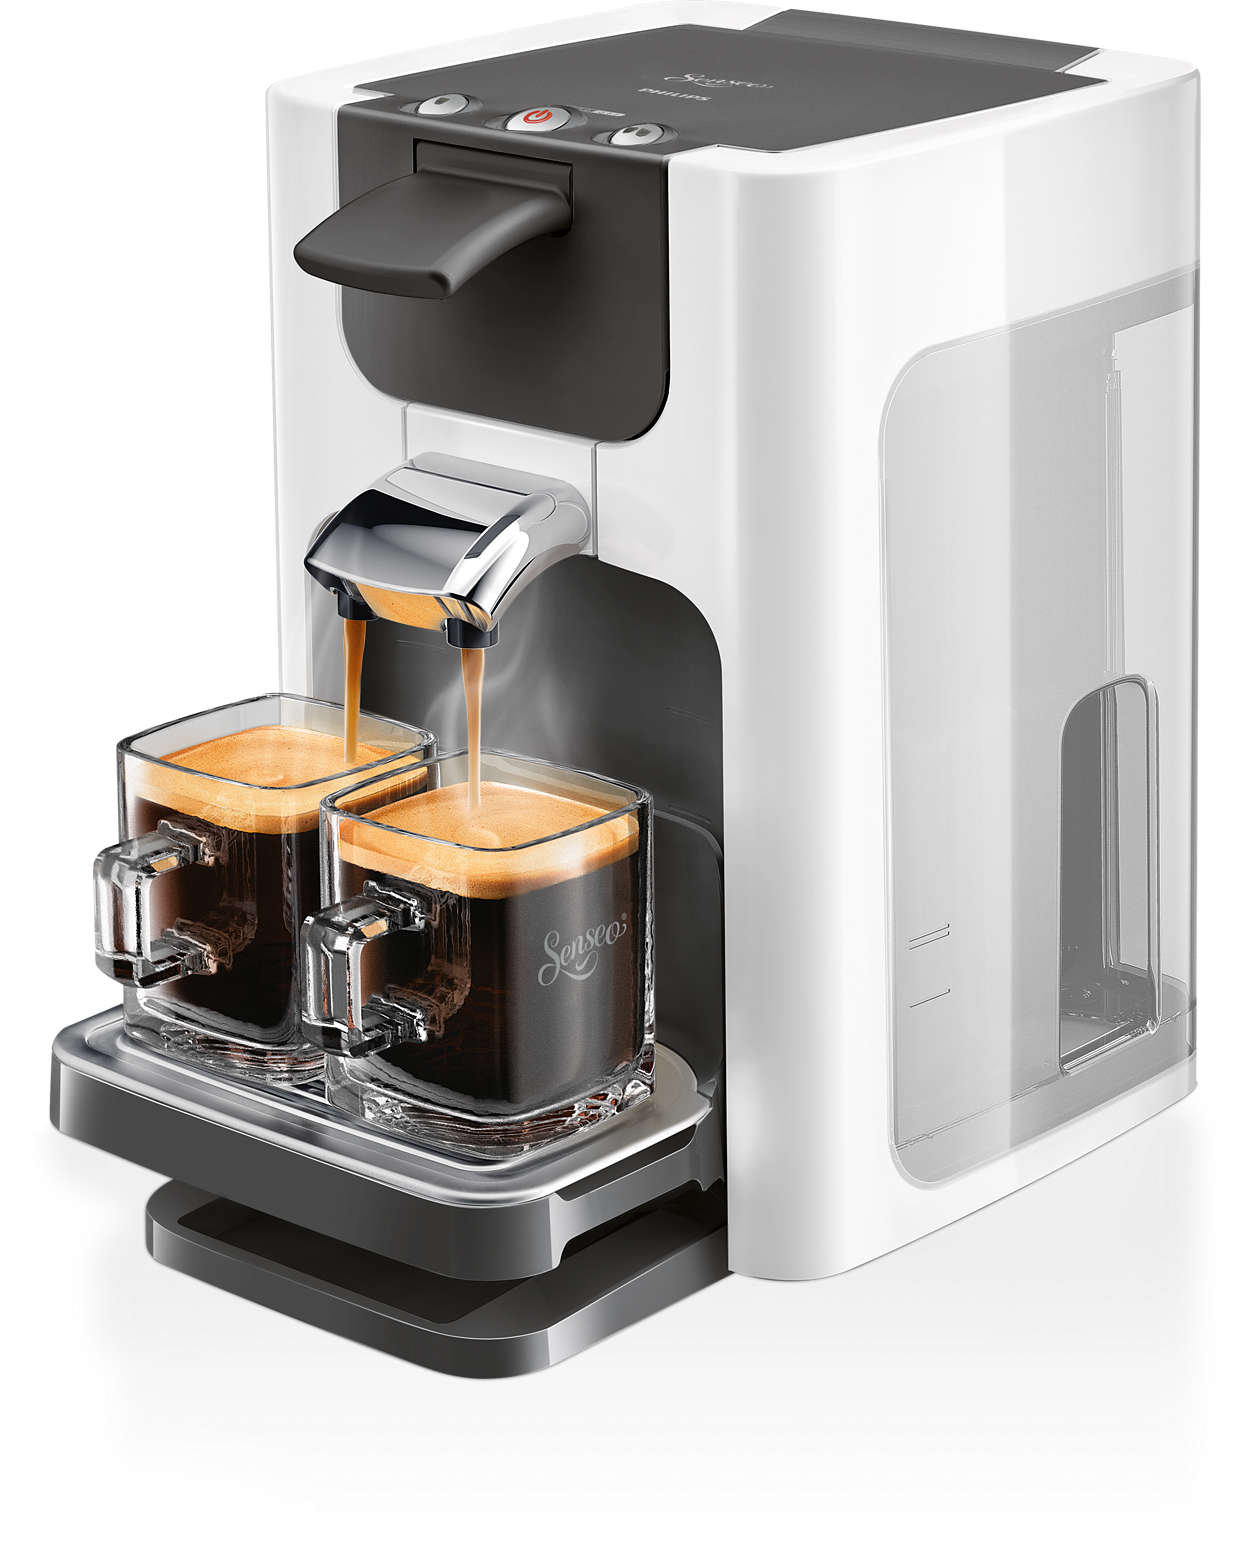 Köstlicher Kaffee auf Knopfdruck, in modernem Design